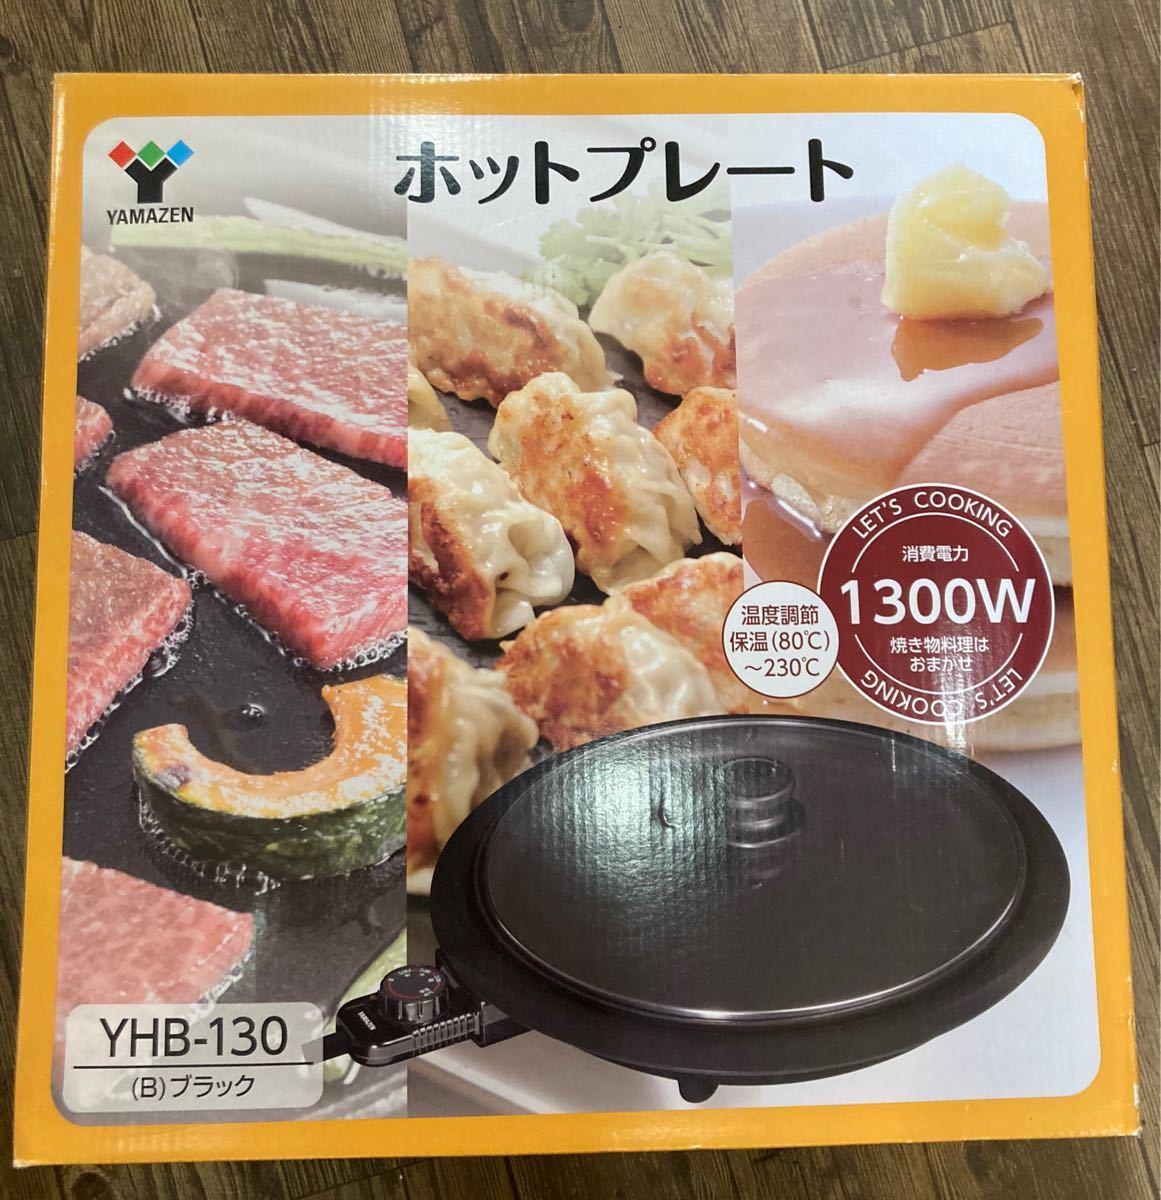 ホットプレート 山善 YAMAZEN YHB-130 ブラック 丸型 鉄板焼き